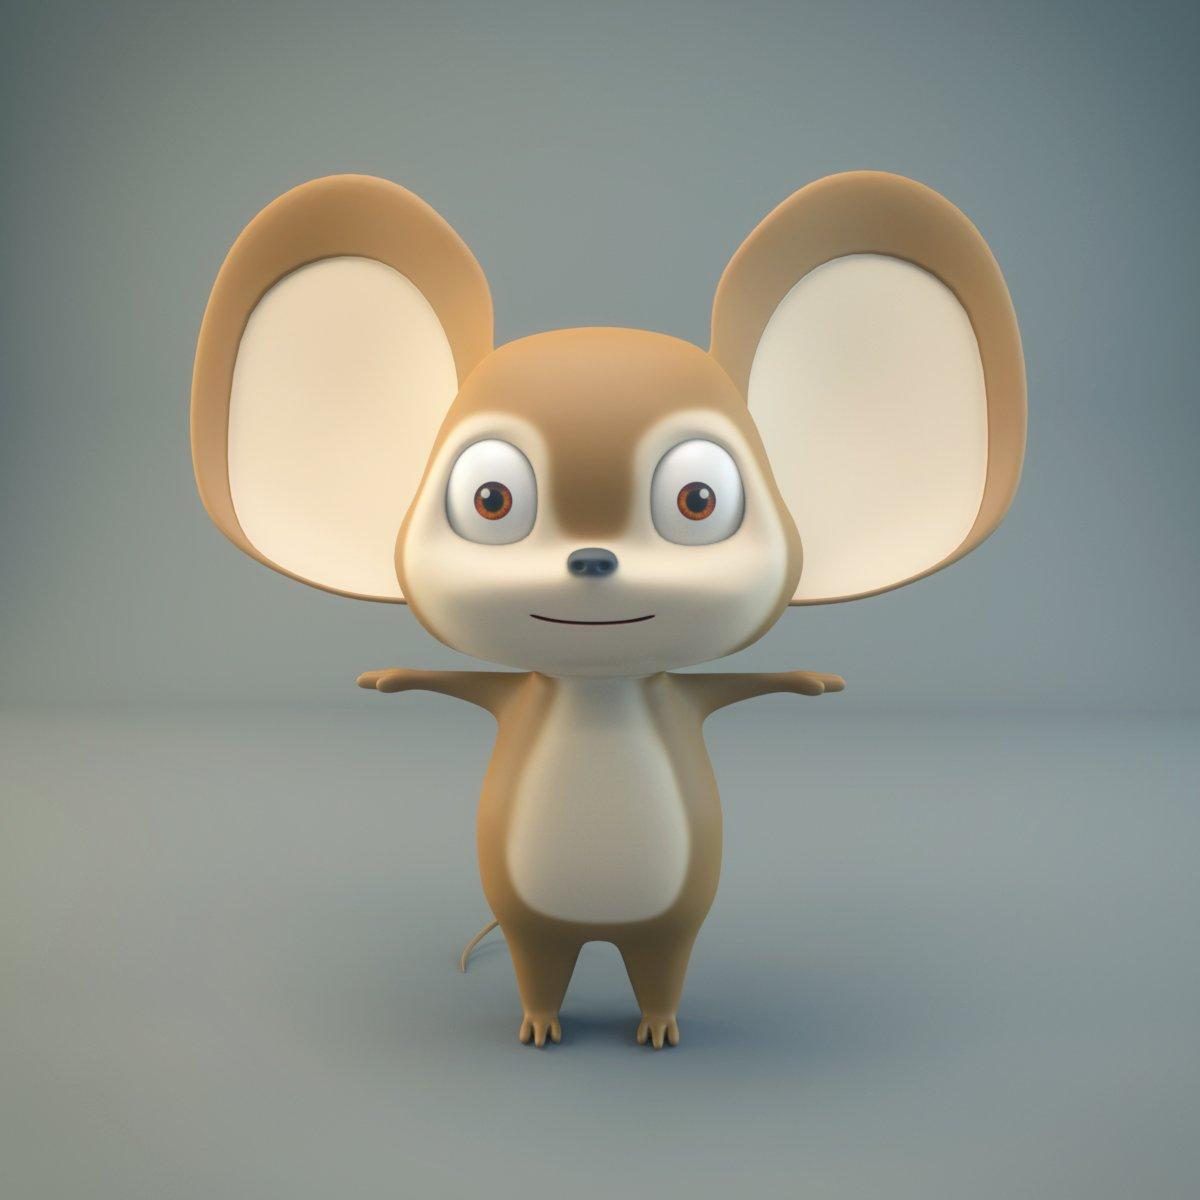 Cartoon Mouse 3d Model In Other 3dexport